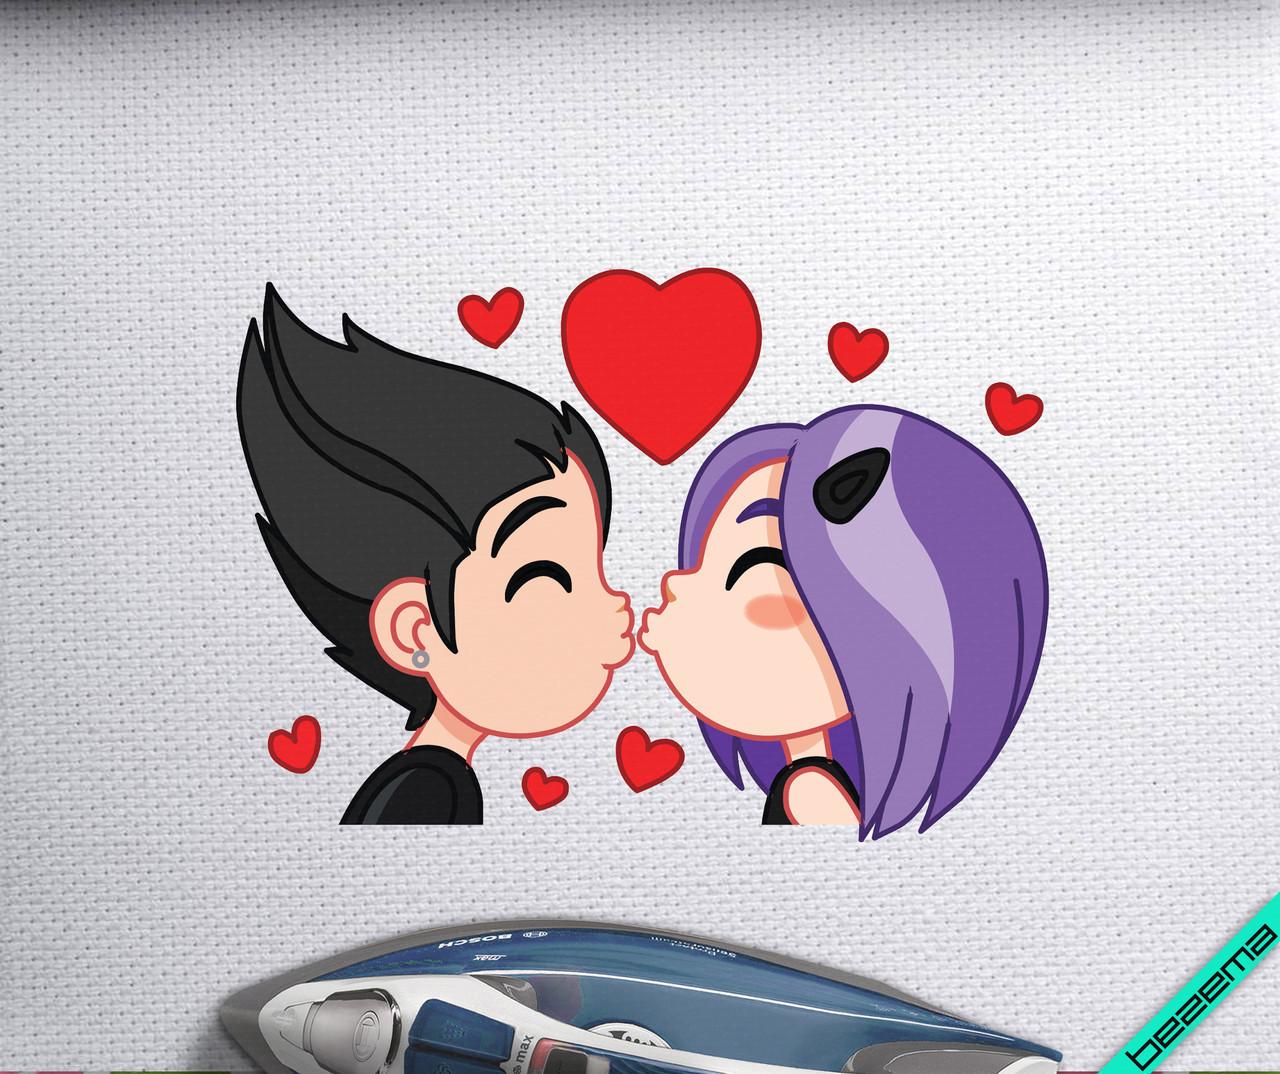 Аплпикации на двунитку Violet love [Свой размер и материалы в ассортименте]